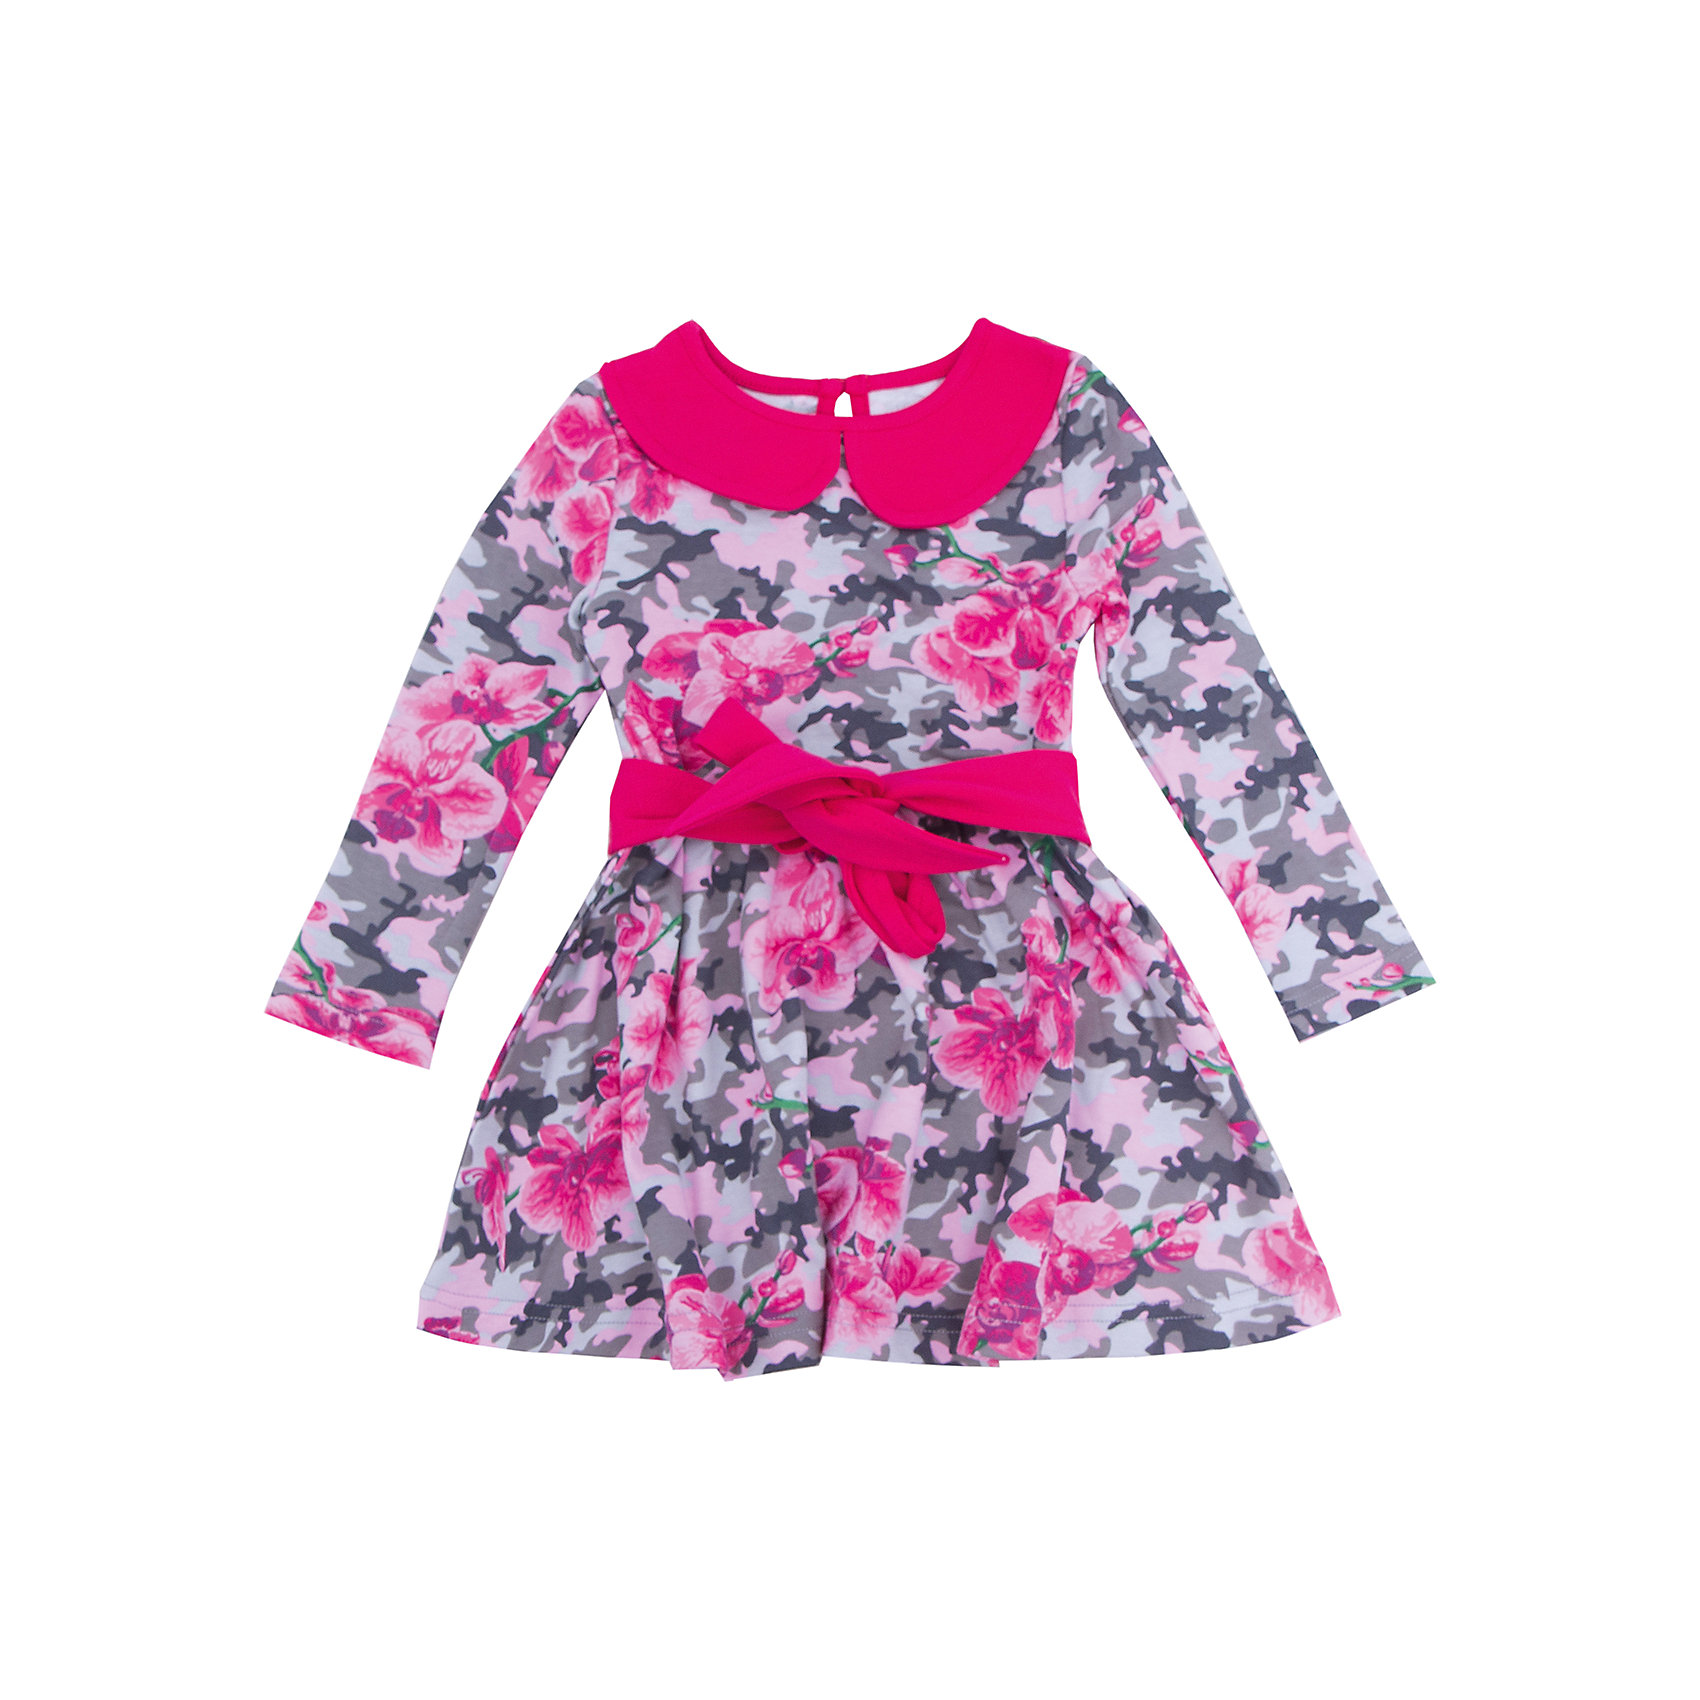 Нарядное платье для девочки АпрельПлатья и сарафаны<br>Платье для девочки Апрель.<br><br>Характеристики:<br><br>• состав: 100% хлопок<br>• цвет: малиновый<br>• коллекция: Осенний блюз<br><br>Очаровательное платье от известной марки Апрель изготовлено из качественного хлопка. Ткань очень прочная и не вызывает раздражения на коже. Платье застегивается на пуговицу сзади. Модель украшена поясом на талии и воротником контрастного цвета. Само платье имеет приятный цветочный узор. Такой наряд можно надеть и на праздник, и на прогулку!<br><br>Платье для девочки Апрель можно купить в нашем интернет-магазине.<br><br>Ширина мм: 236<br>Глубина мм: 16<br>Высота мм: 184<br>Вес г: 177<br>Цвет: розовый<br>Возраст от месяцев: 24<br>Возраст до месяцев: 36<br>Пол: Женский<br>Возраст: Детский<br>Размер: 98,128,92,104,110,116,122<br>SKU: 4966436